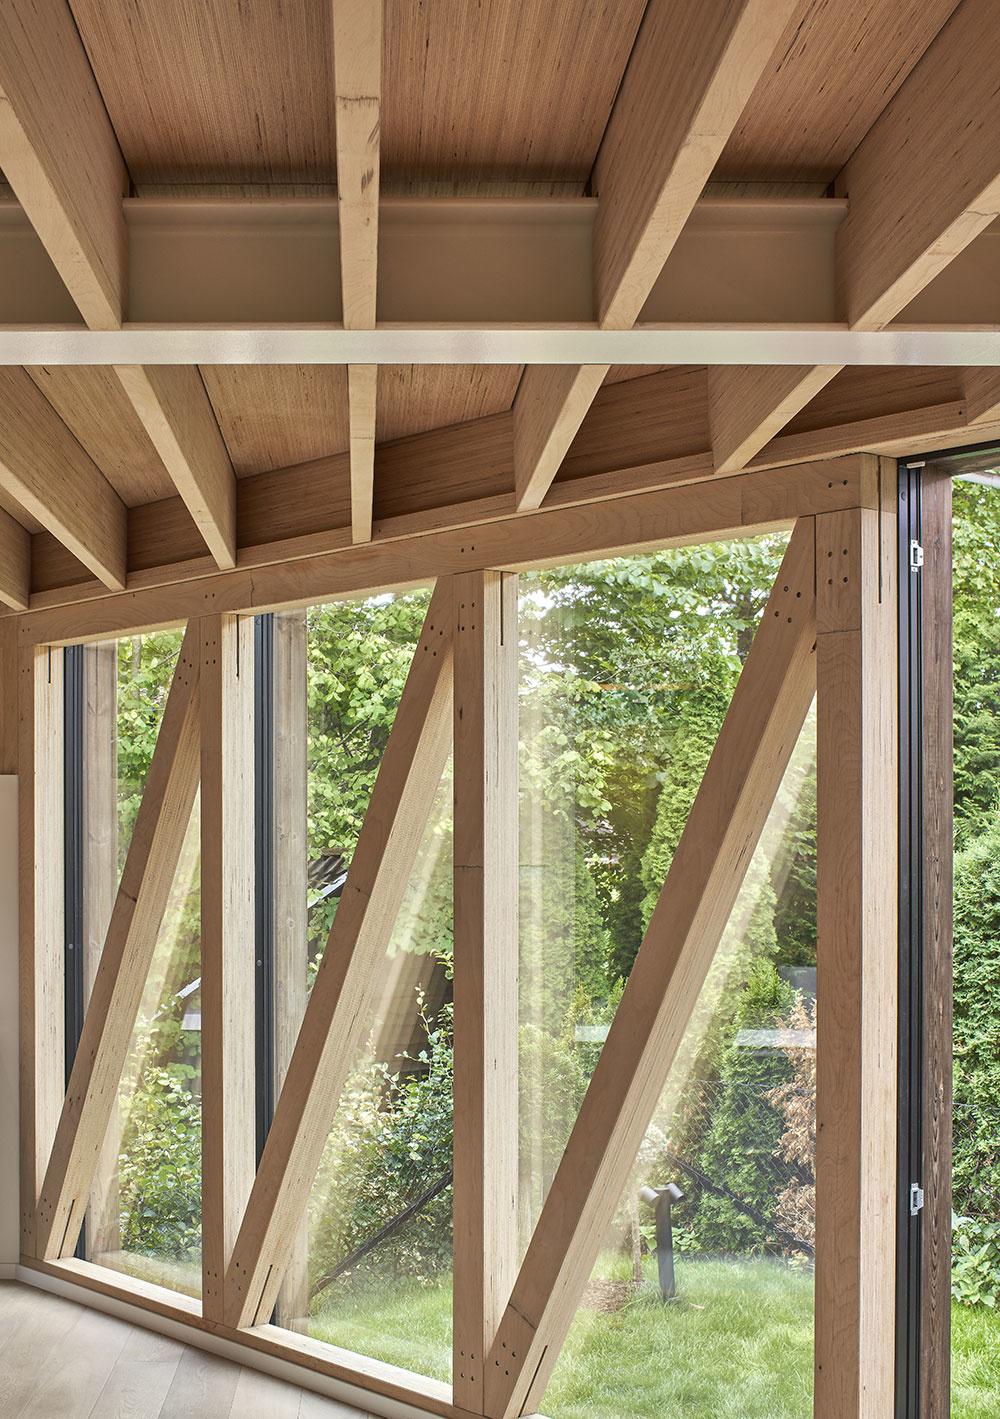 drevené trámy na strope, drevené stĺpy, trámy, ktoré križujú okná zvnútra a ich kombináciu s oknami.